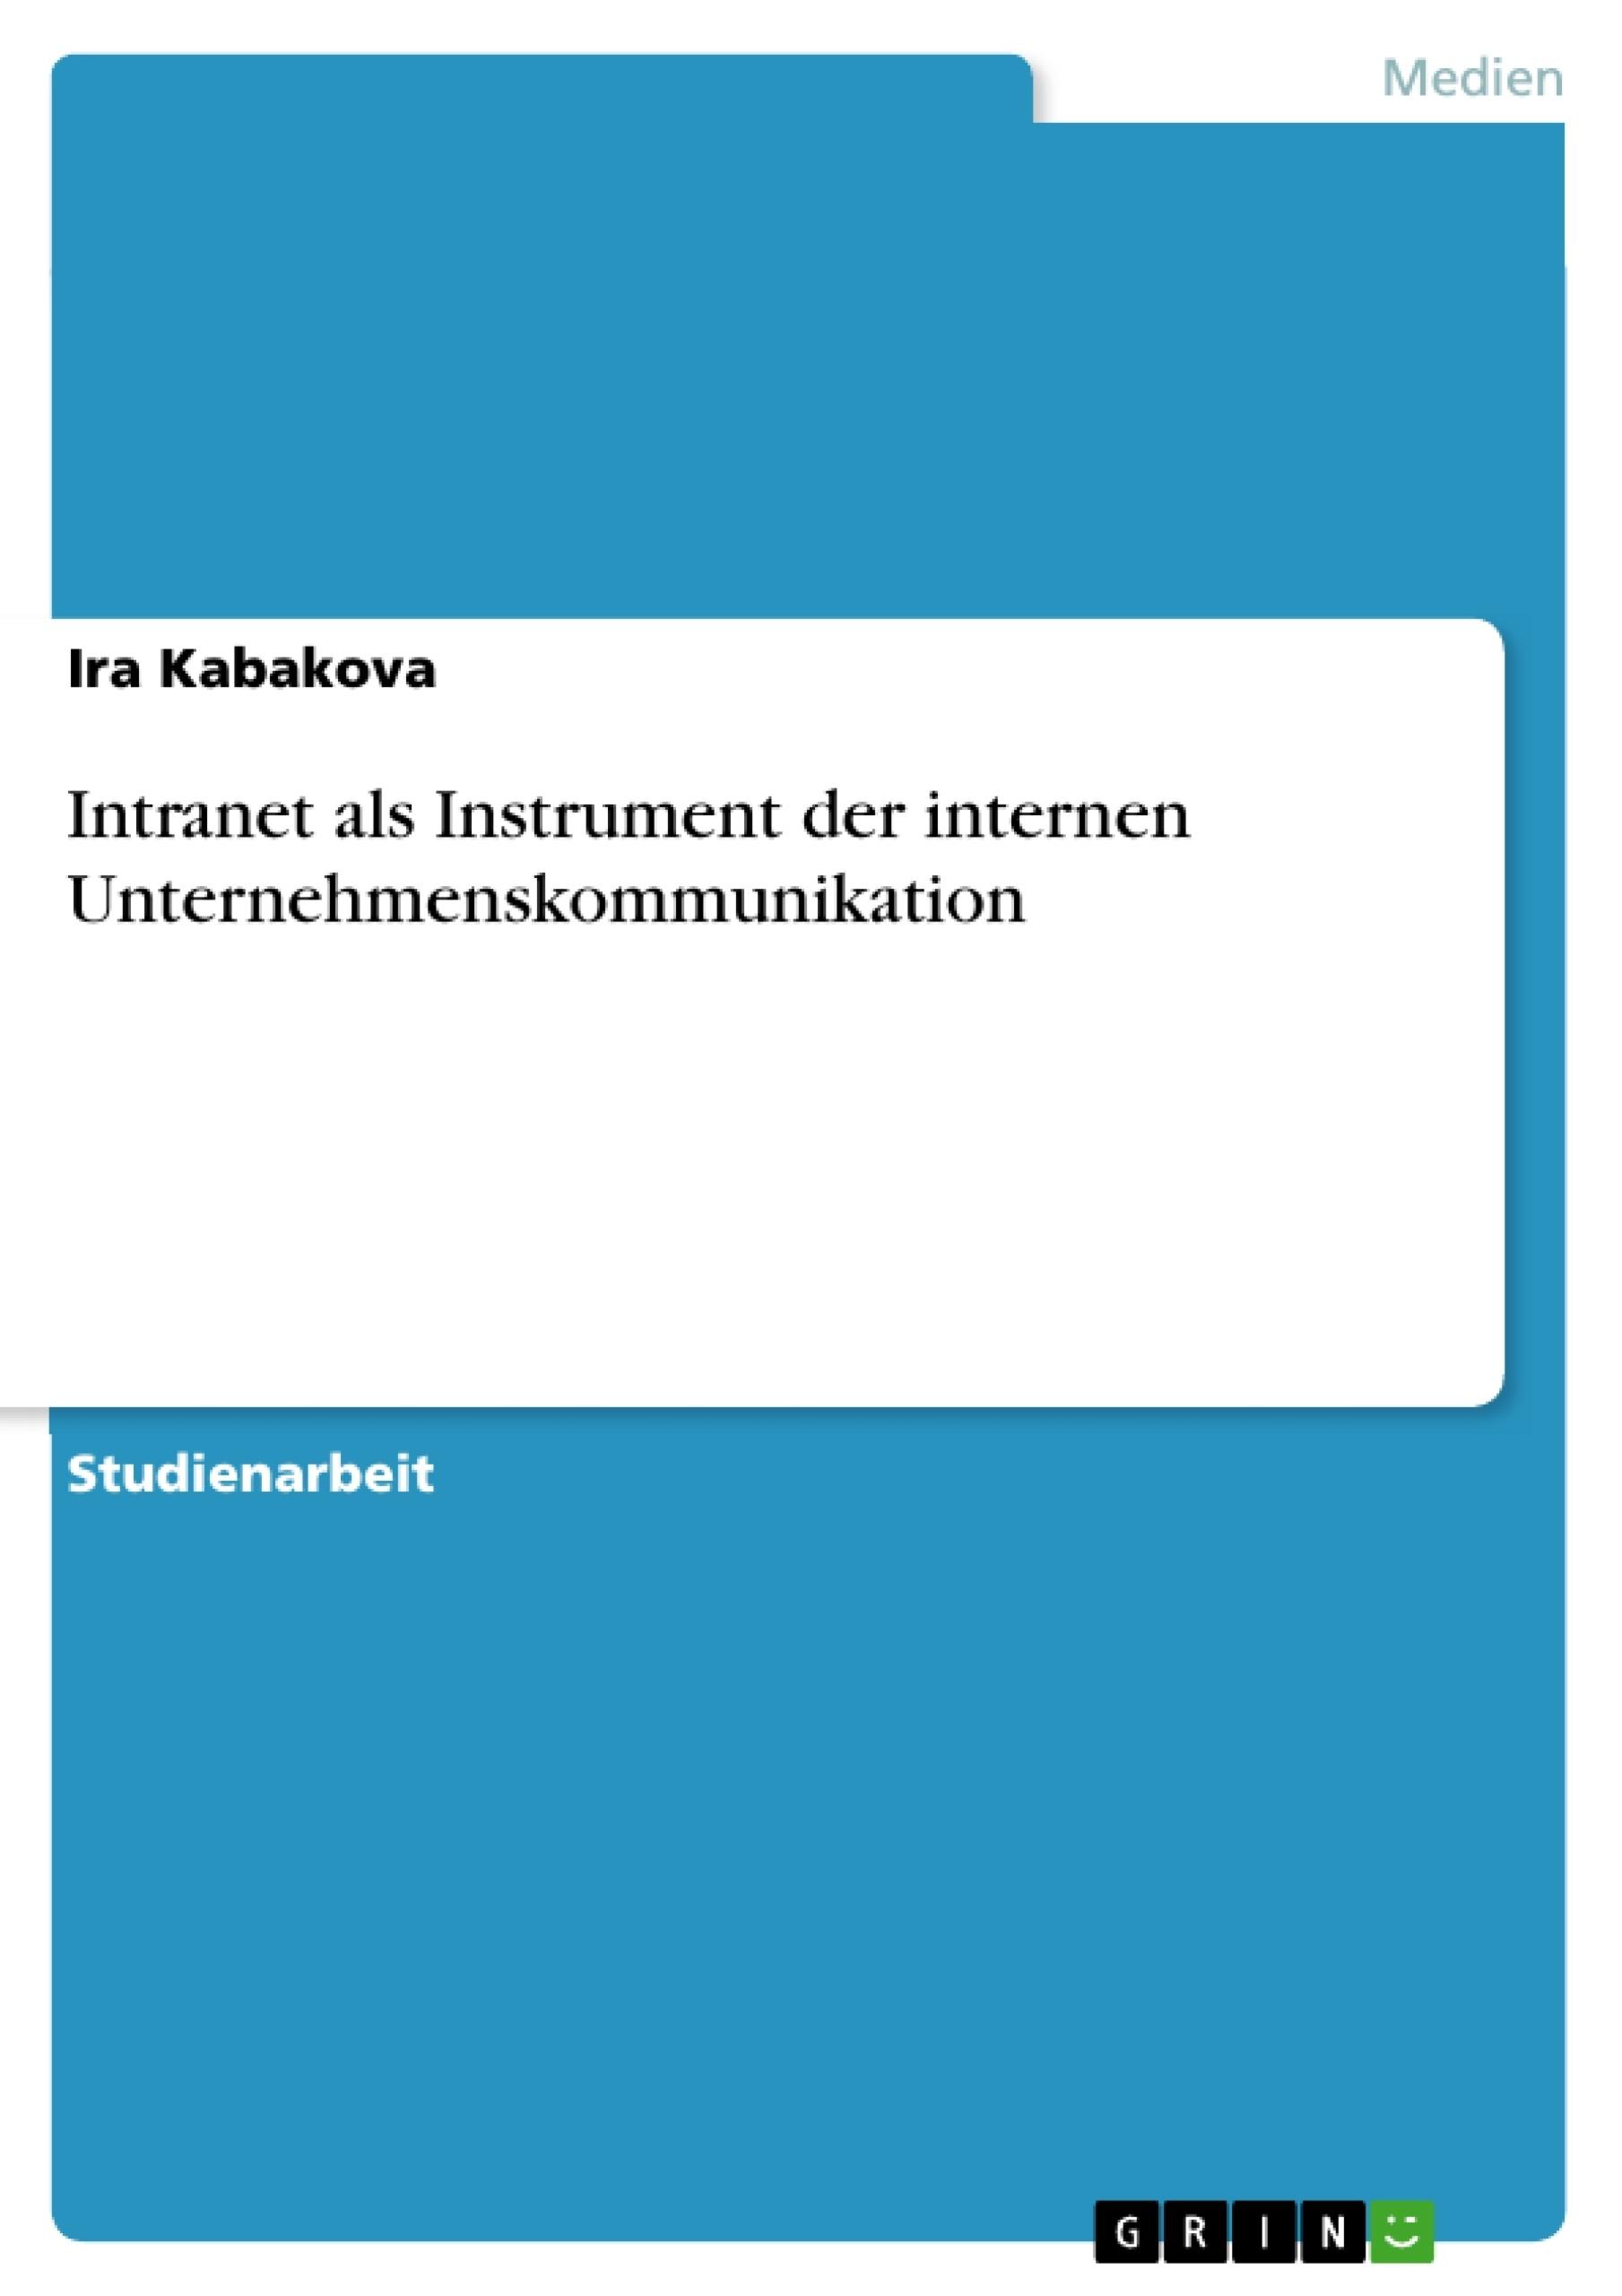 Titel: Intranet als Instrument der internen Unternehmenskommunikation